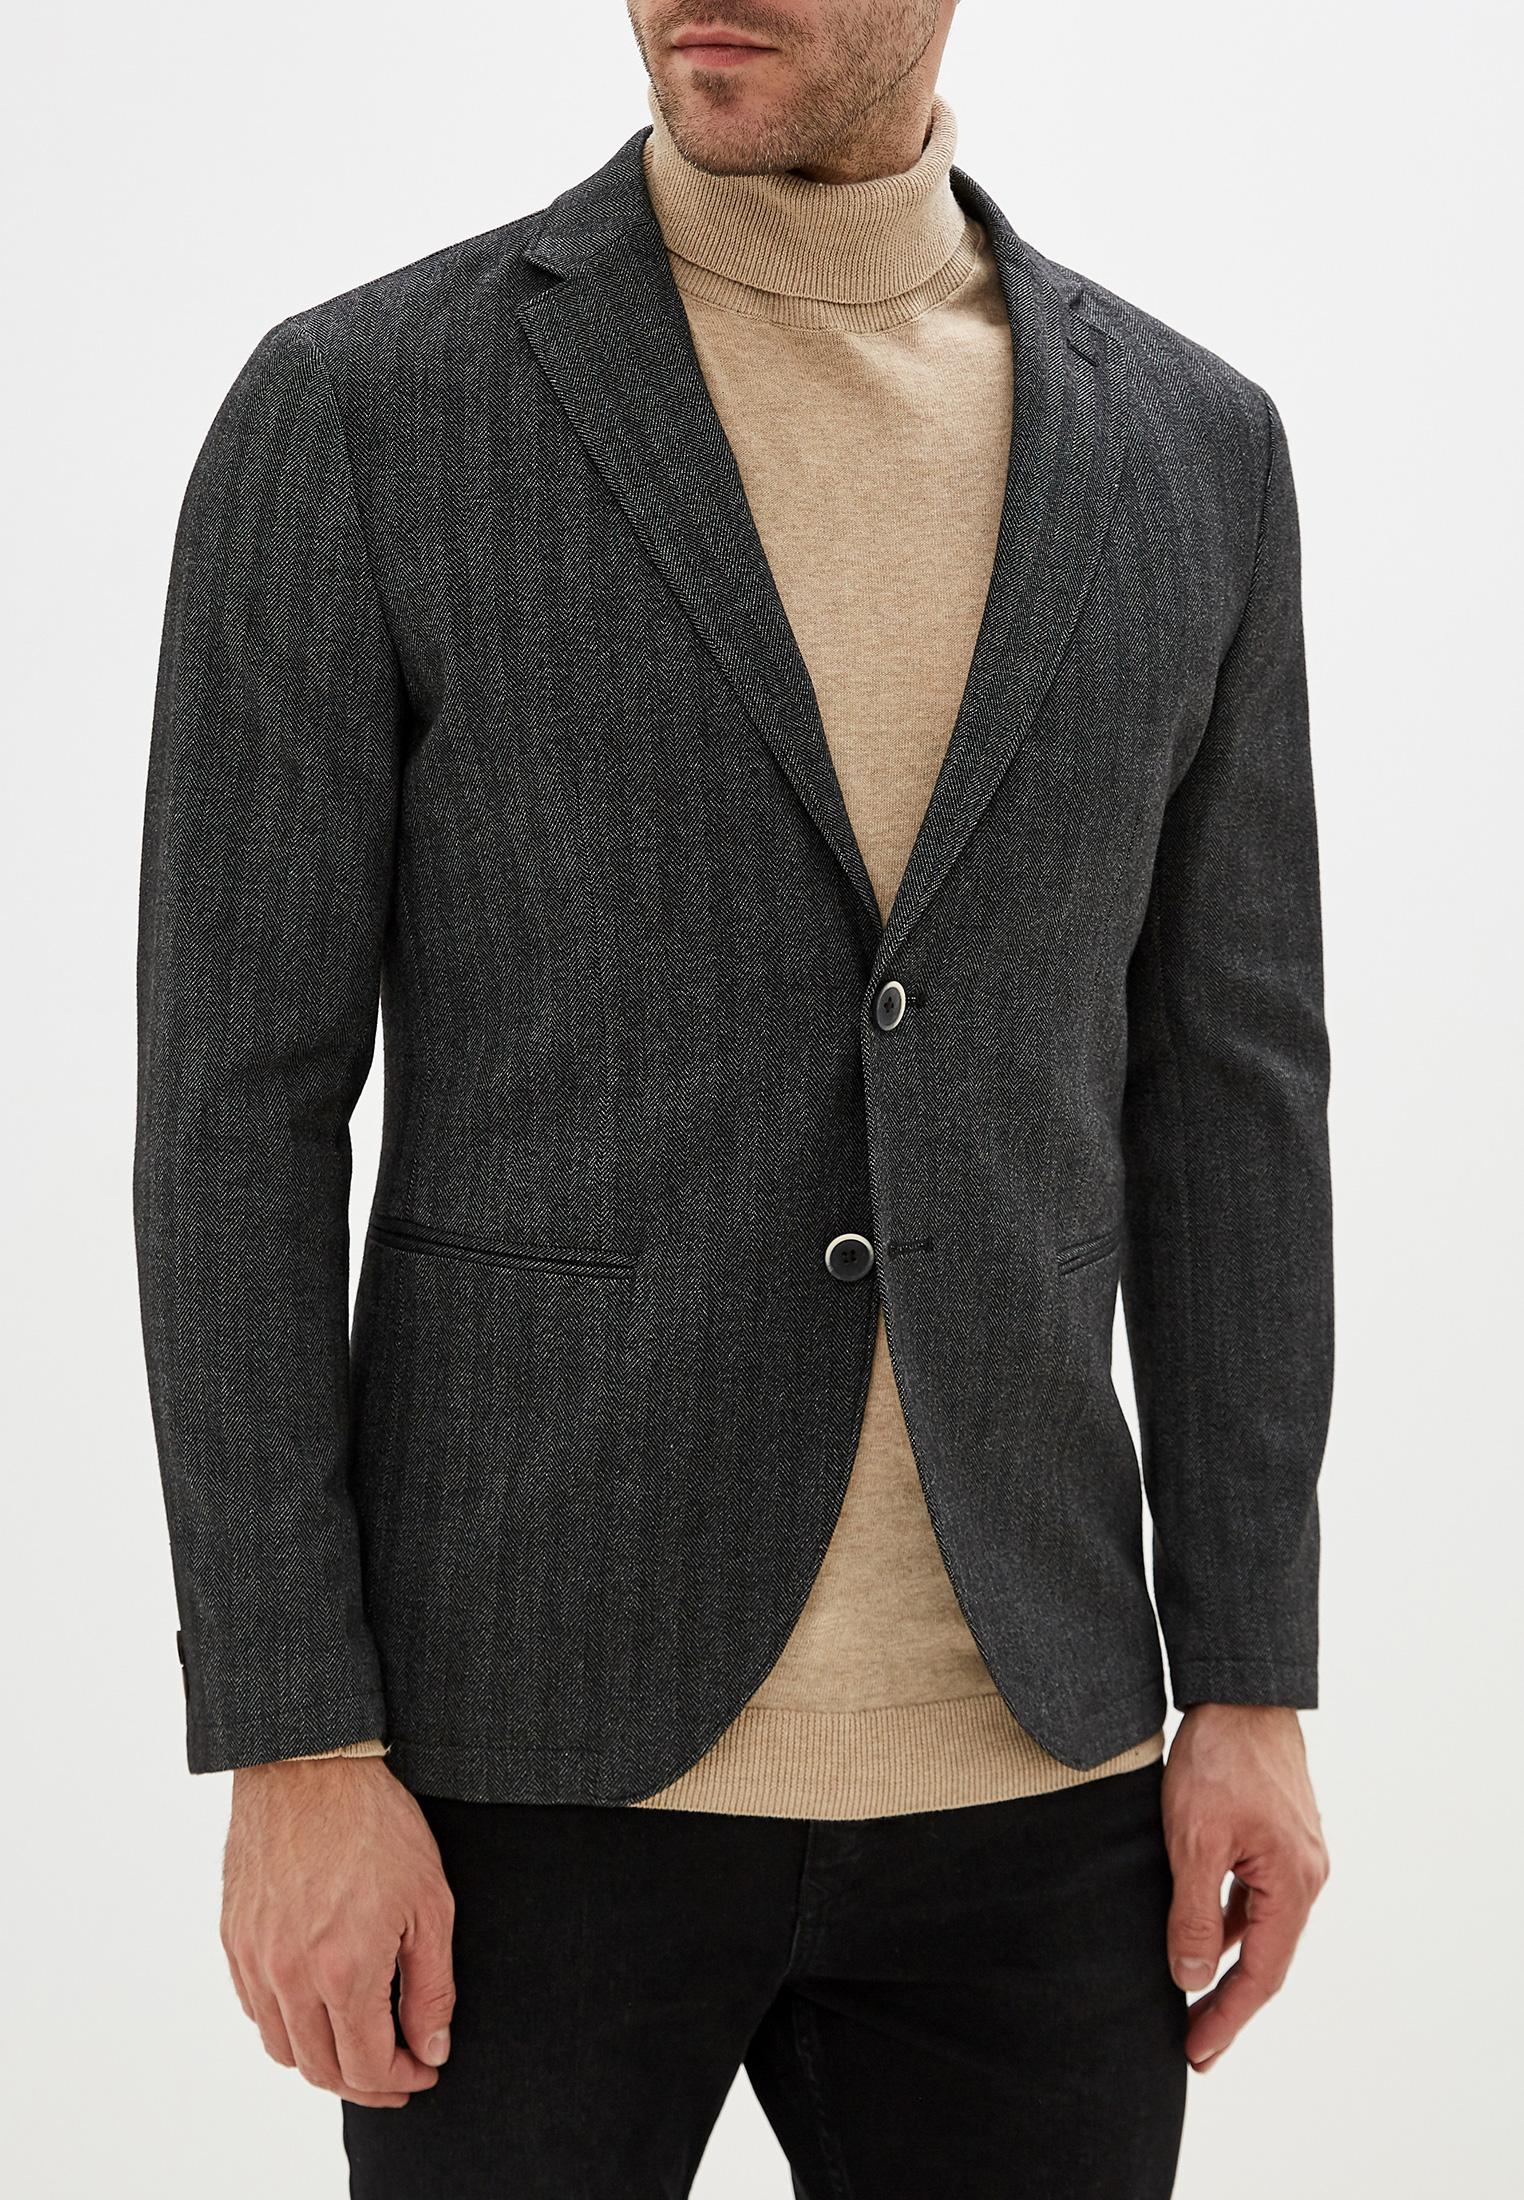 Пиджак костюм картинки мужской